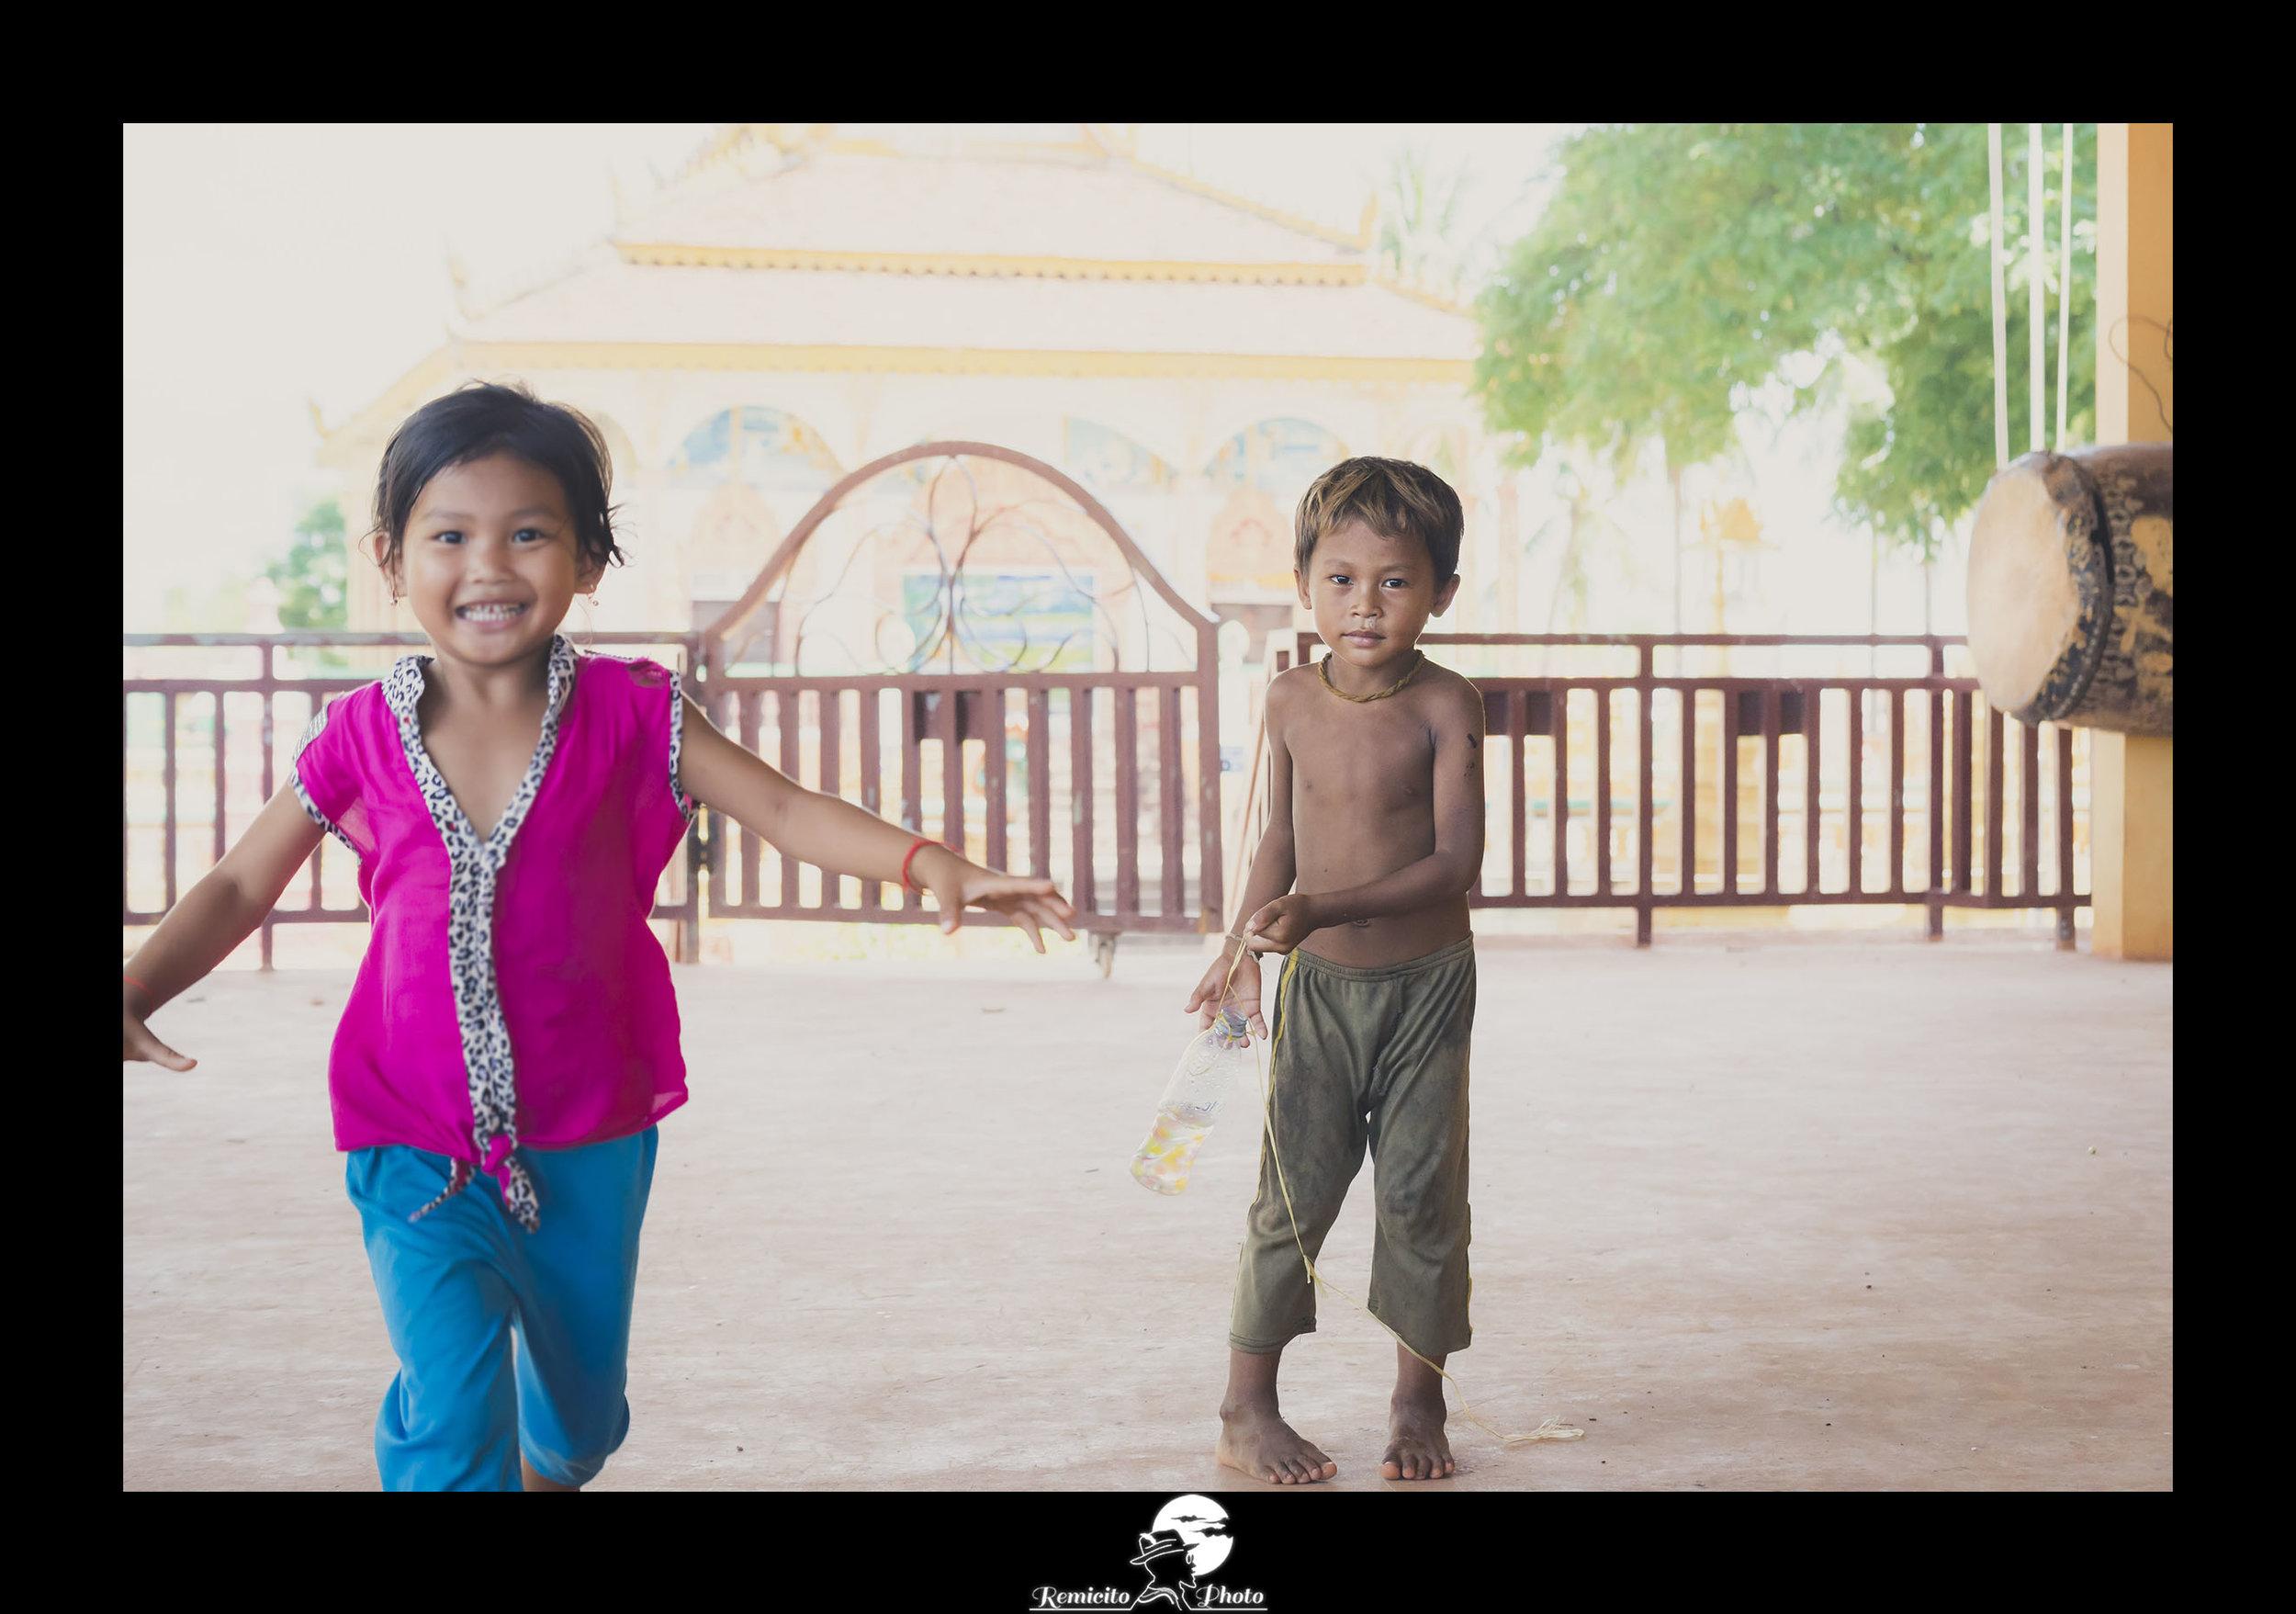 remicito photo, image du jour, photo du jour, photo of the day, enfants cambodge, tonlé sap cambodge enfants, enfants pauvres cambodge, belle photo enfants, enfants du monde, idée cadeau, belle photo